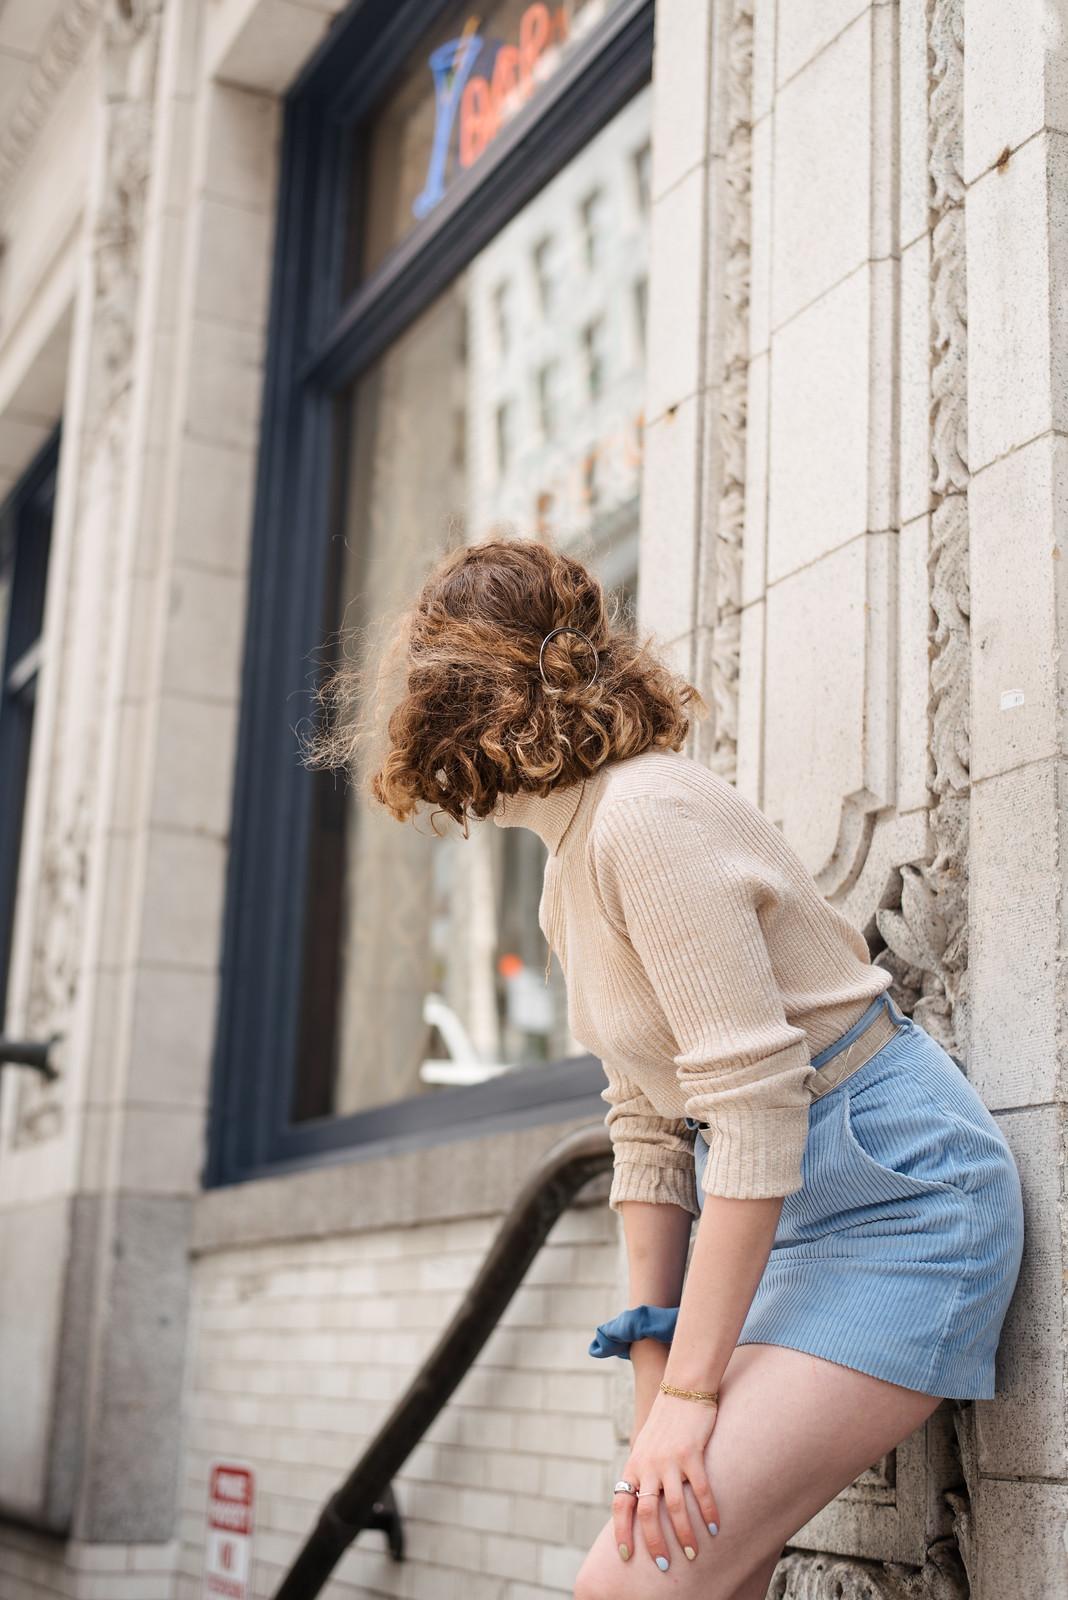 tank turtleneck, light blue mini skirt, scrunchie, snakeskin boots on juliettelaura.blogspot.com